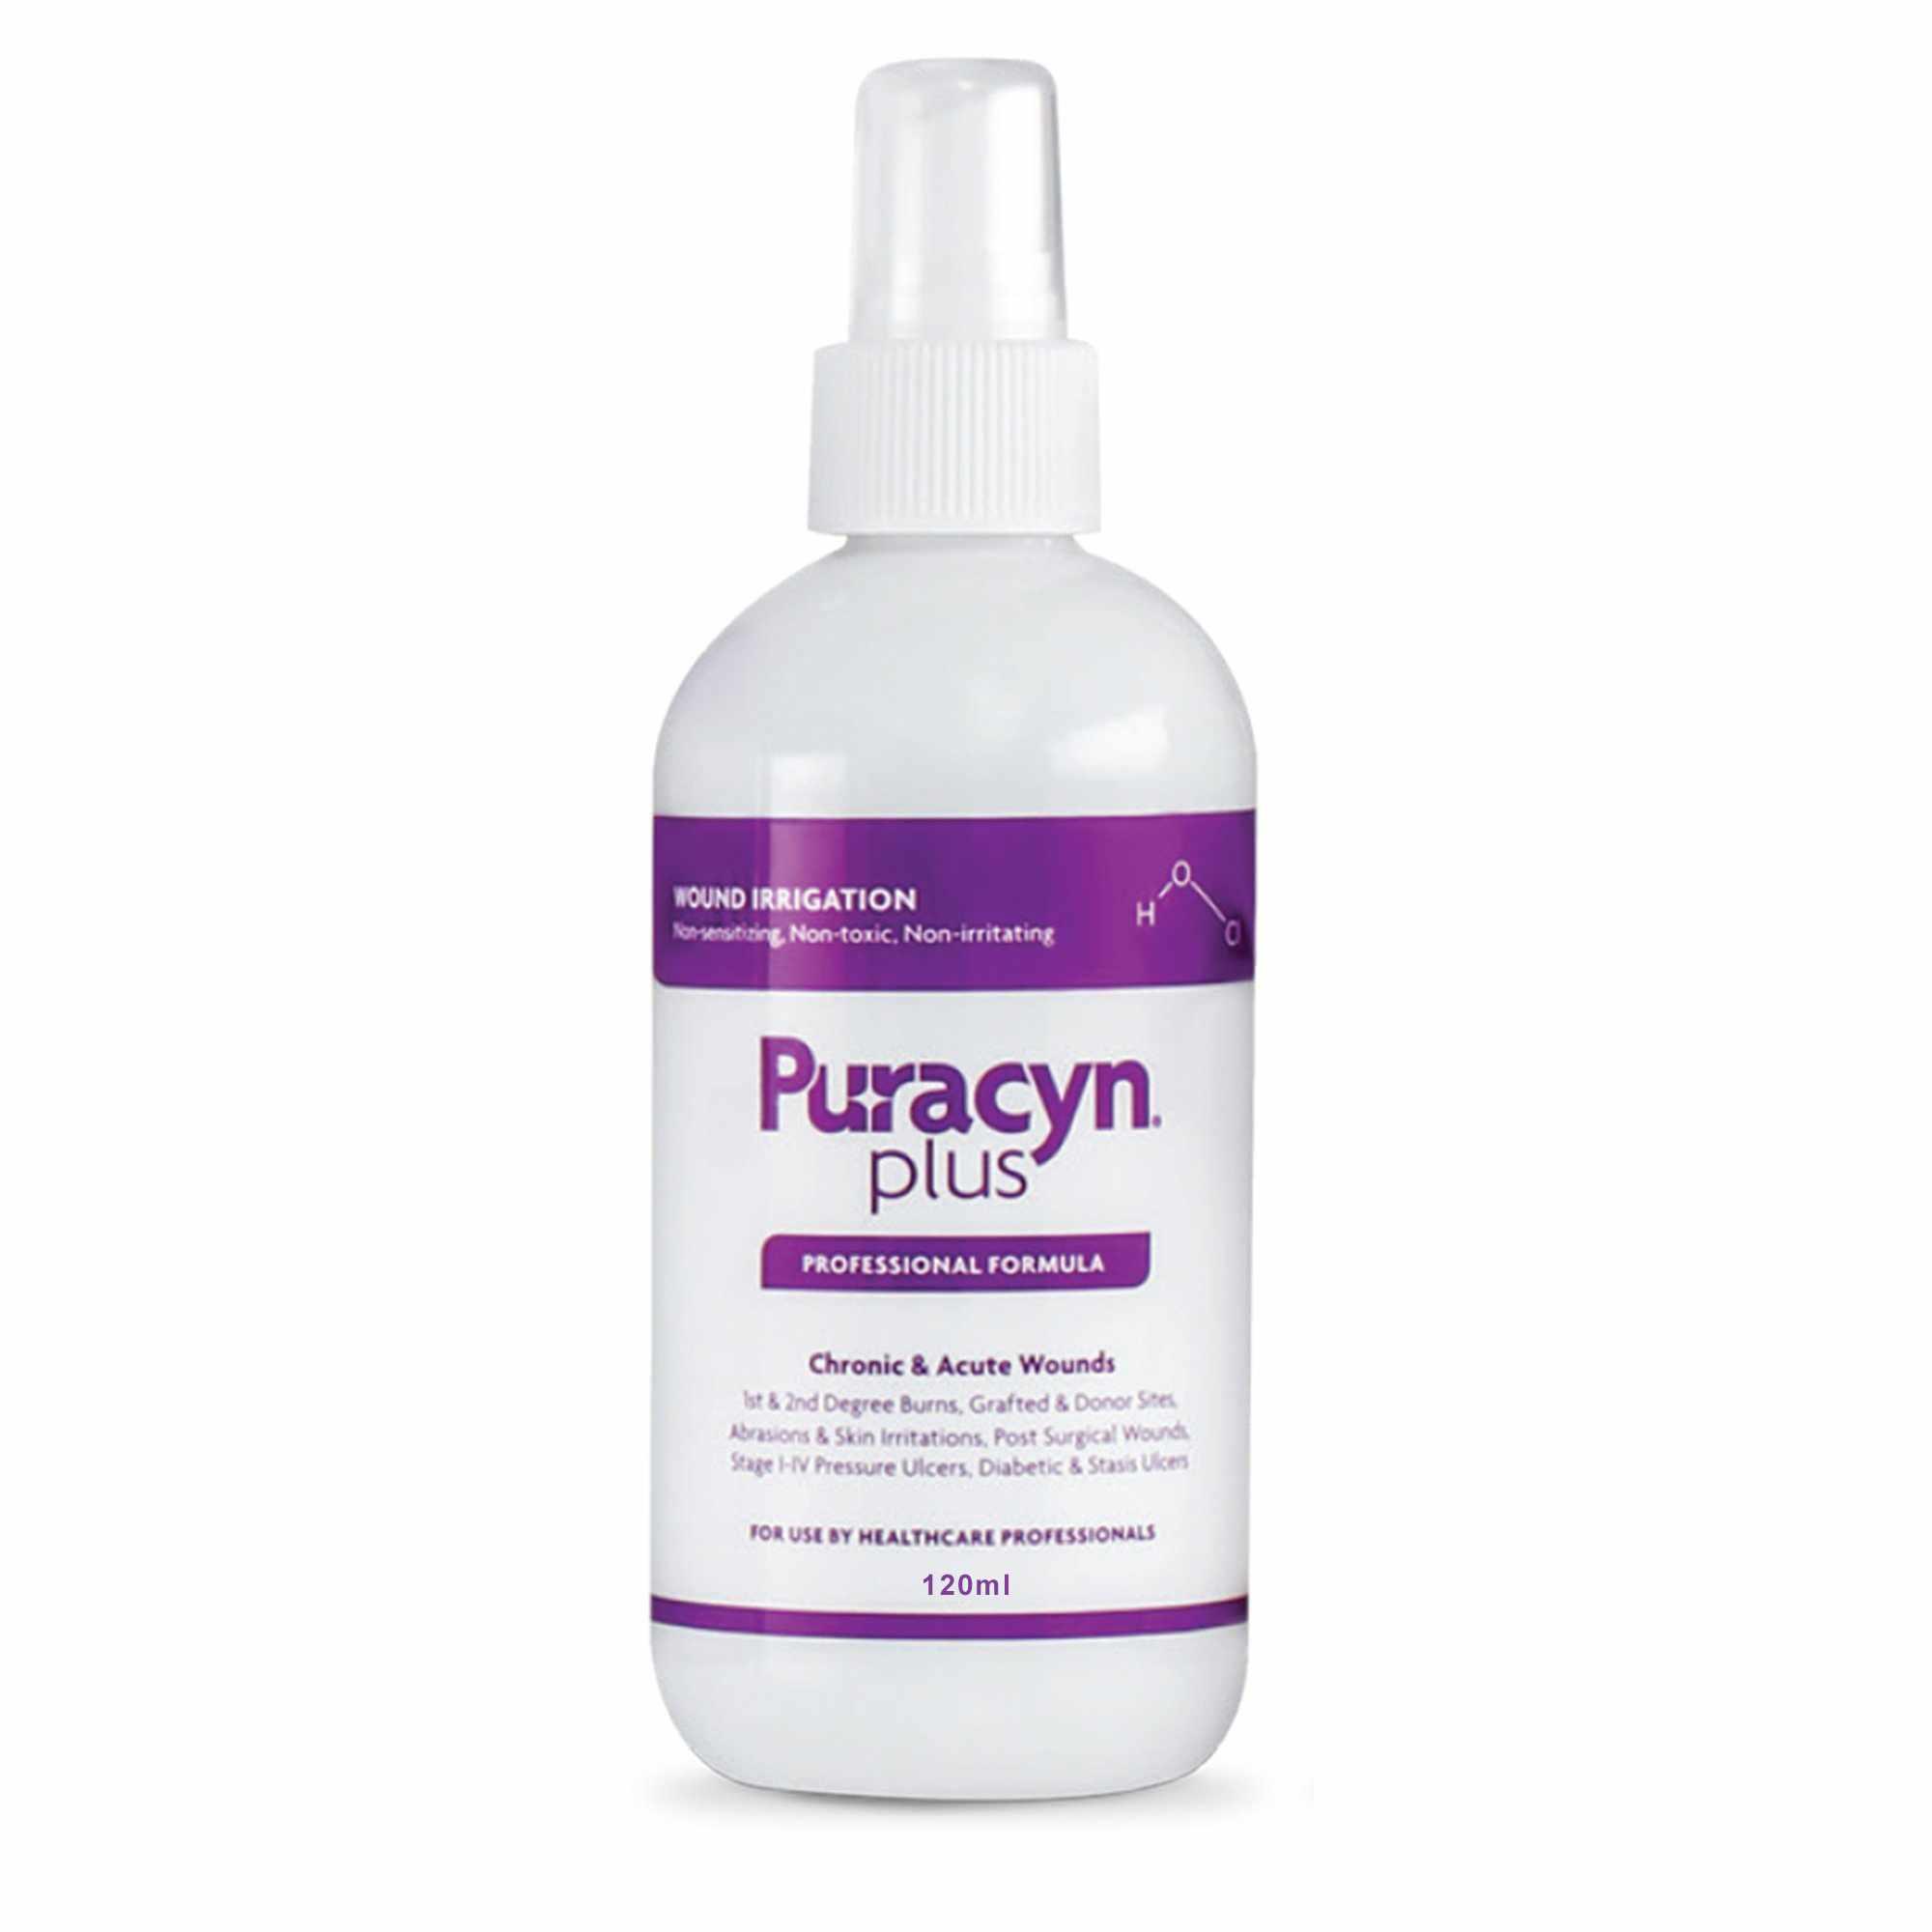 Puracyn Plus Professional Pump Spray Wound Irrigation Solution, 120 mL